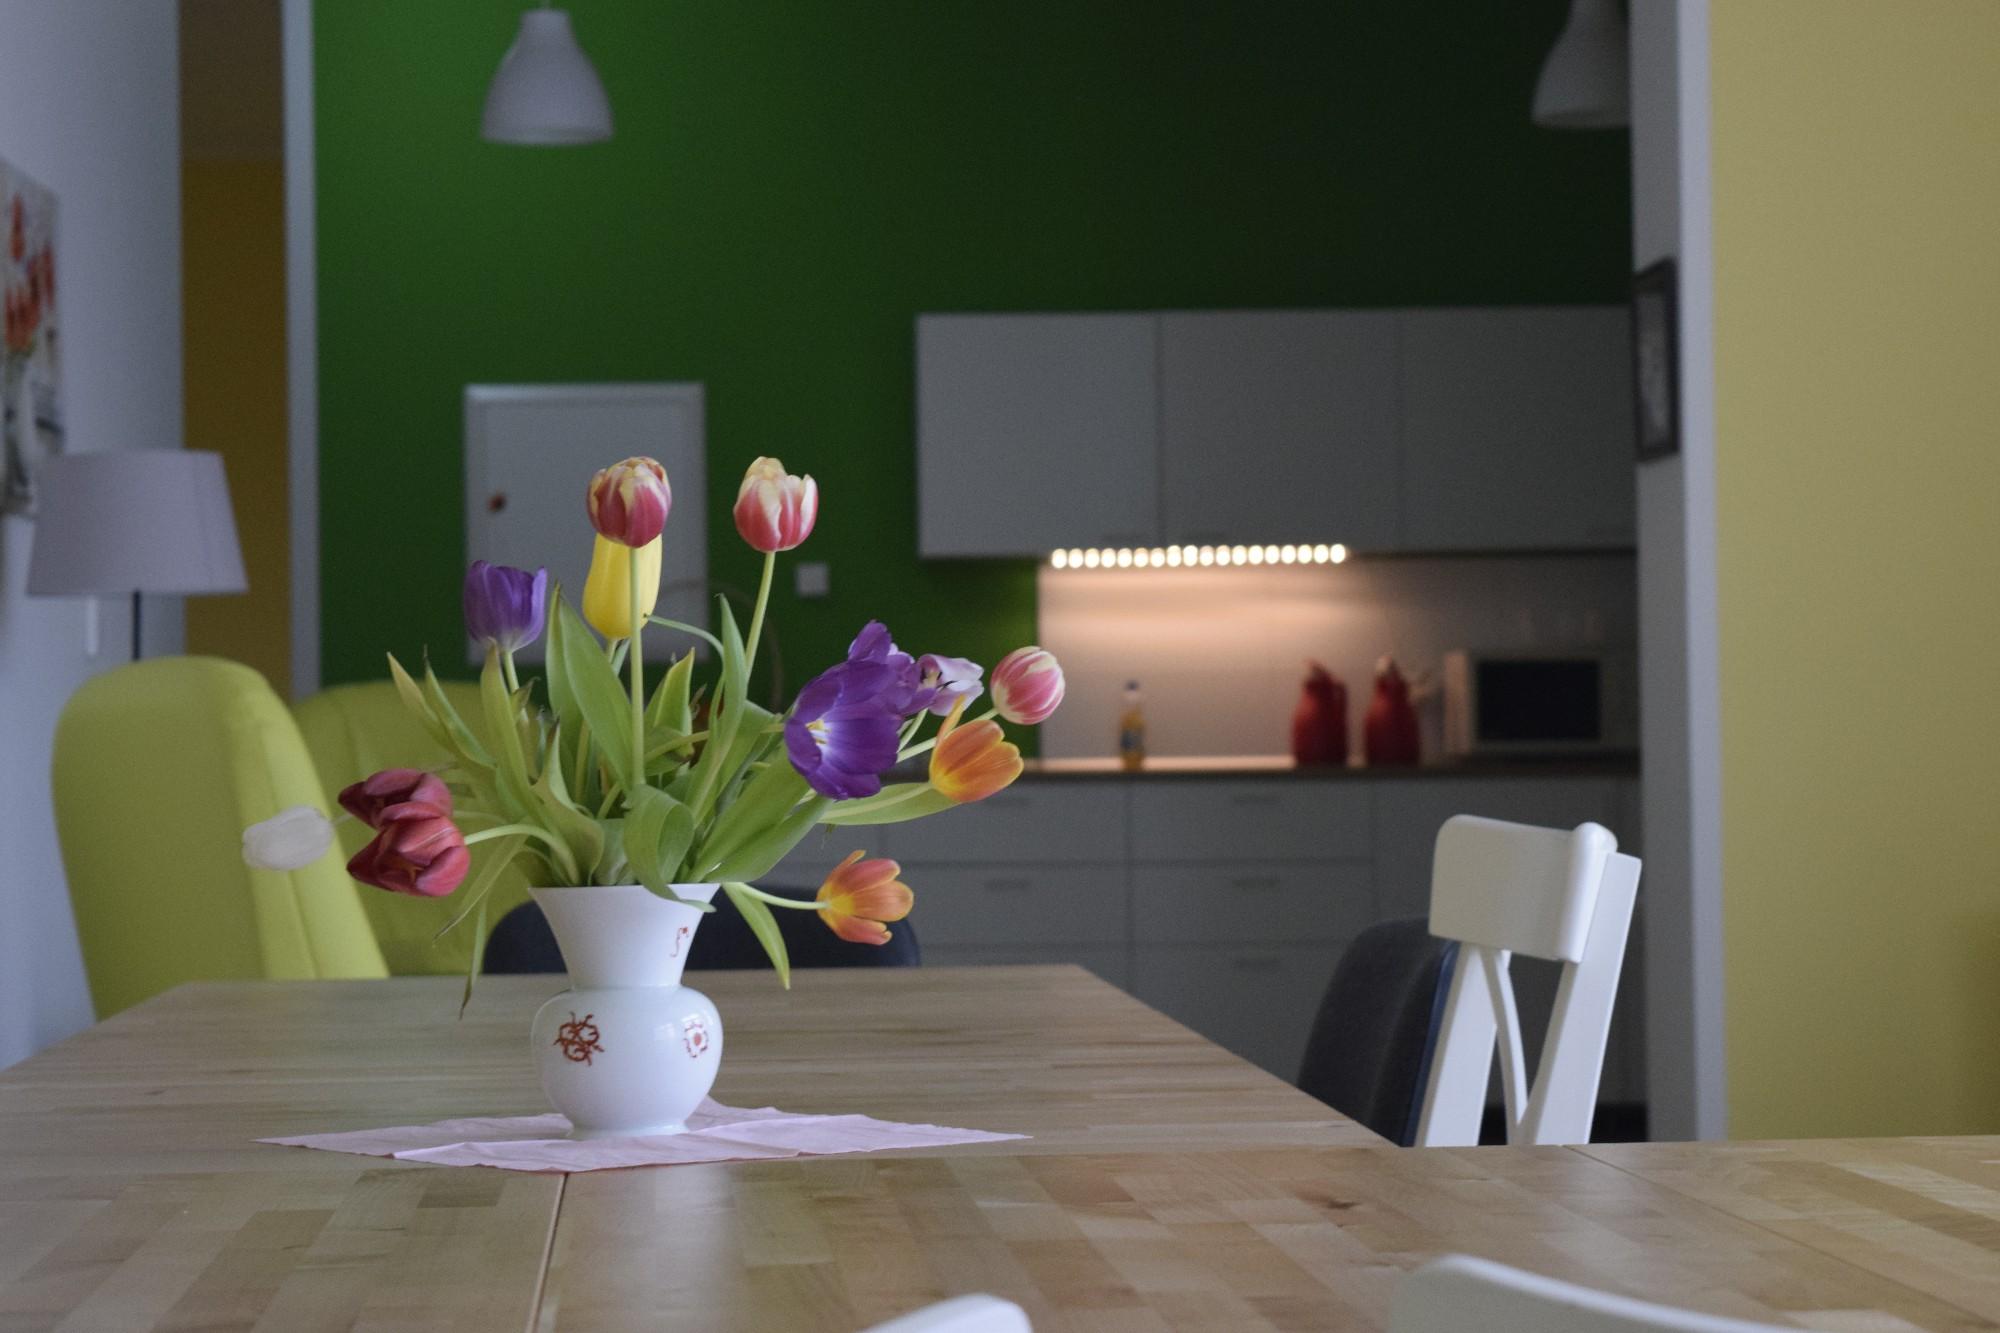 Advita Haus Radeberg In Radeberg Auf Wohnen Im Alter De